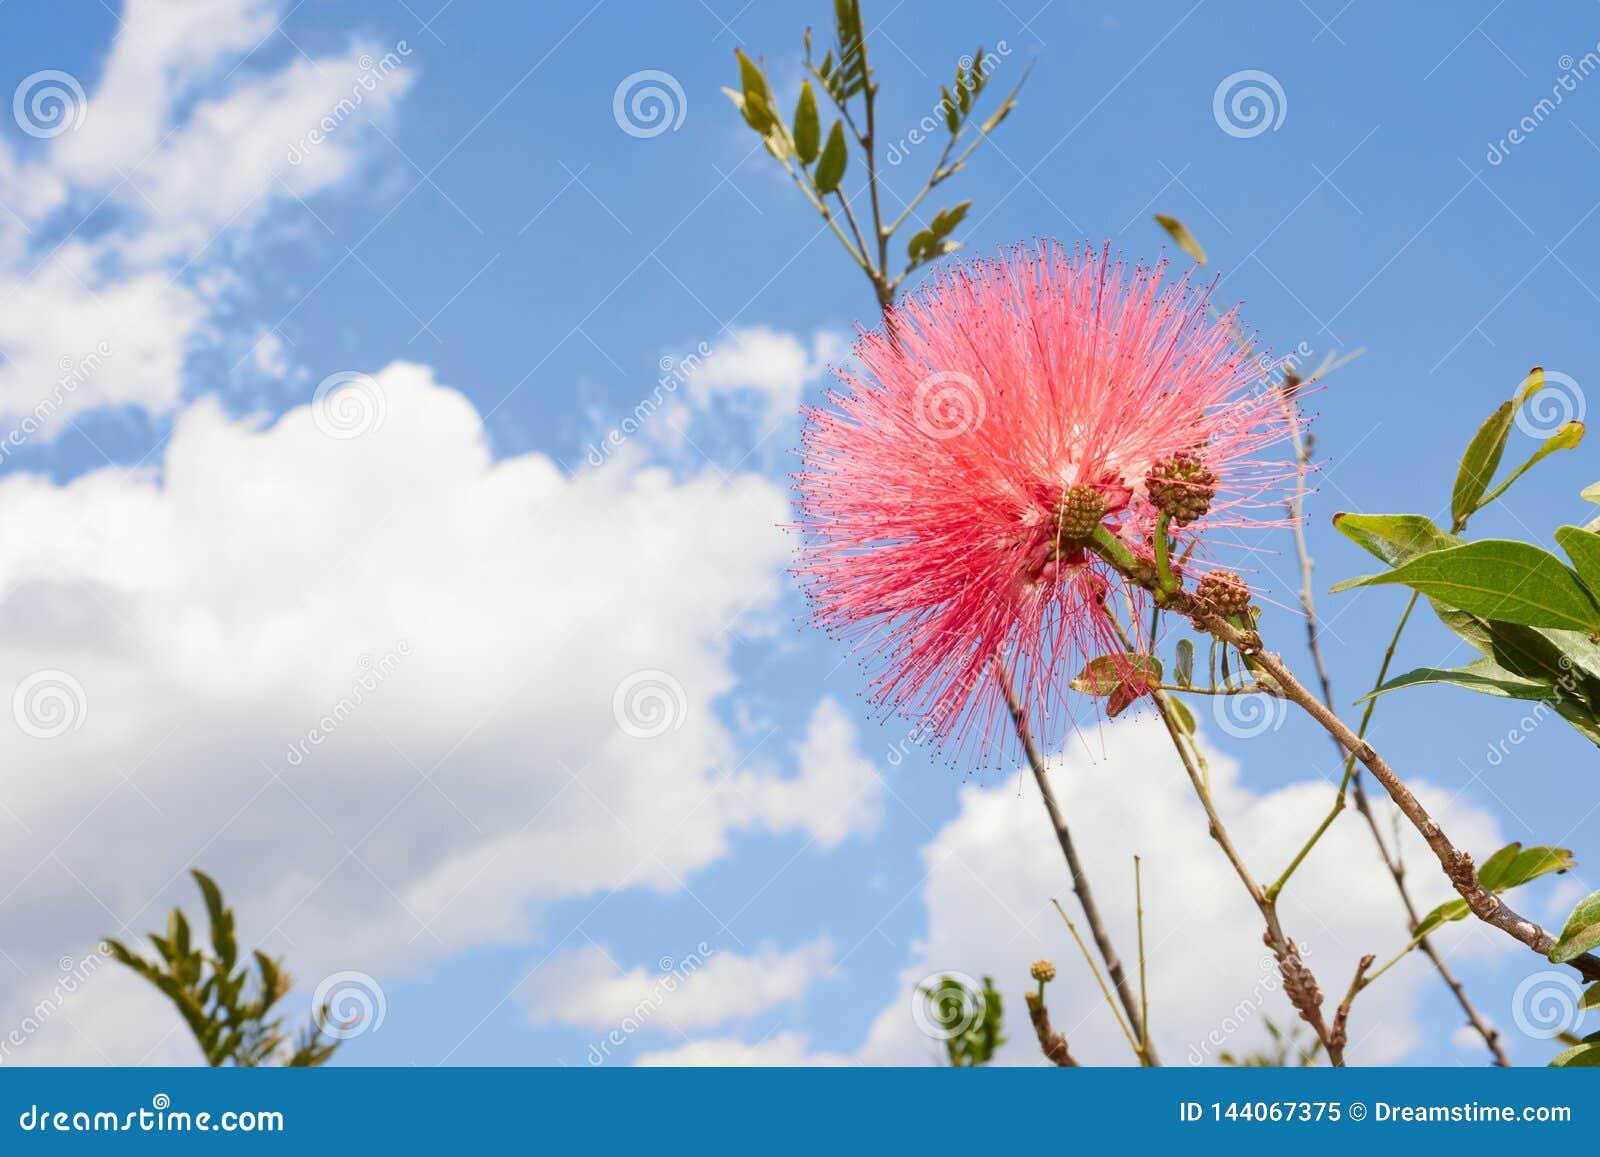 Fleur rouge avec un contraste de ciel bleu